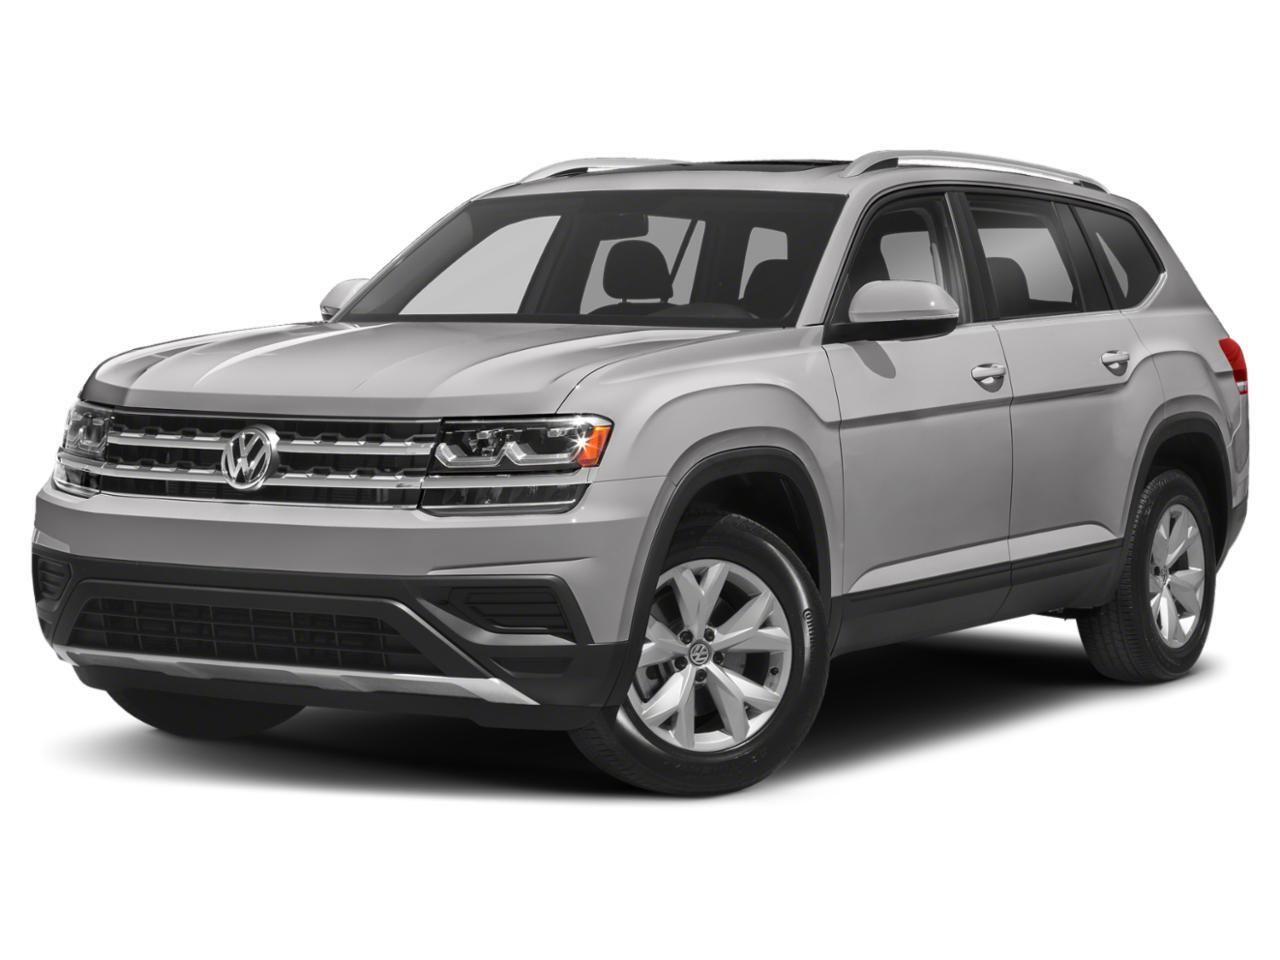 2019 Volkswagen Atlas Image